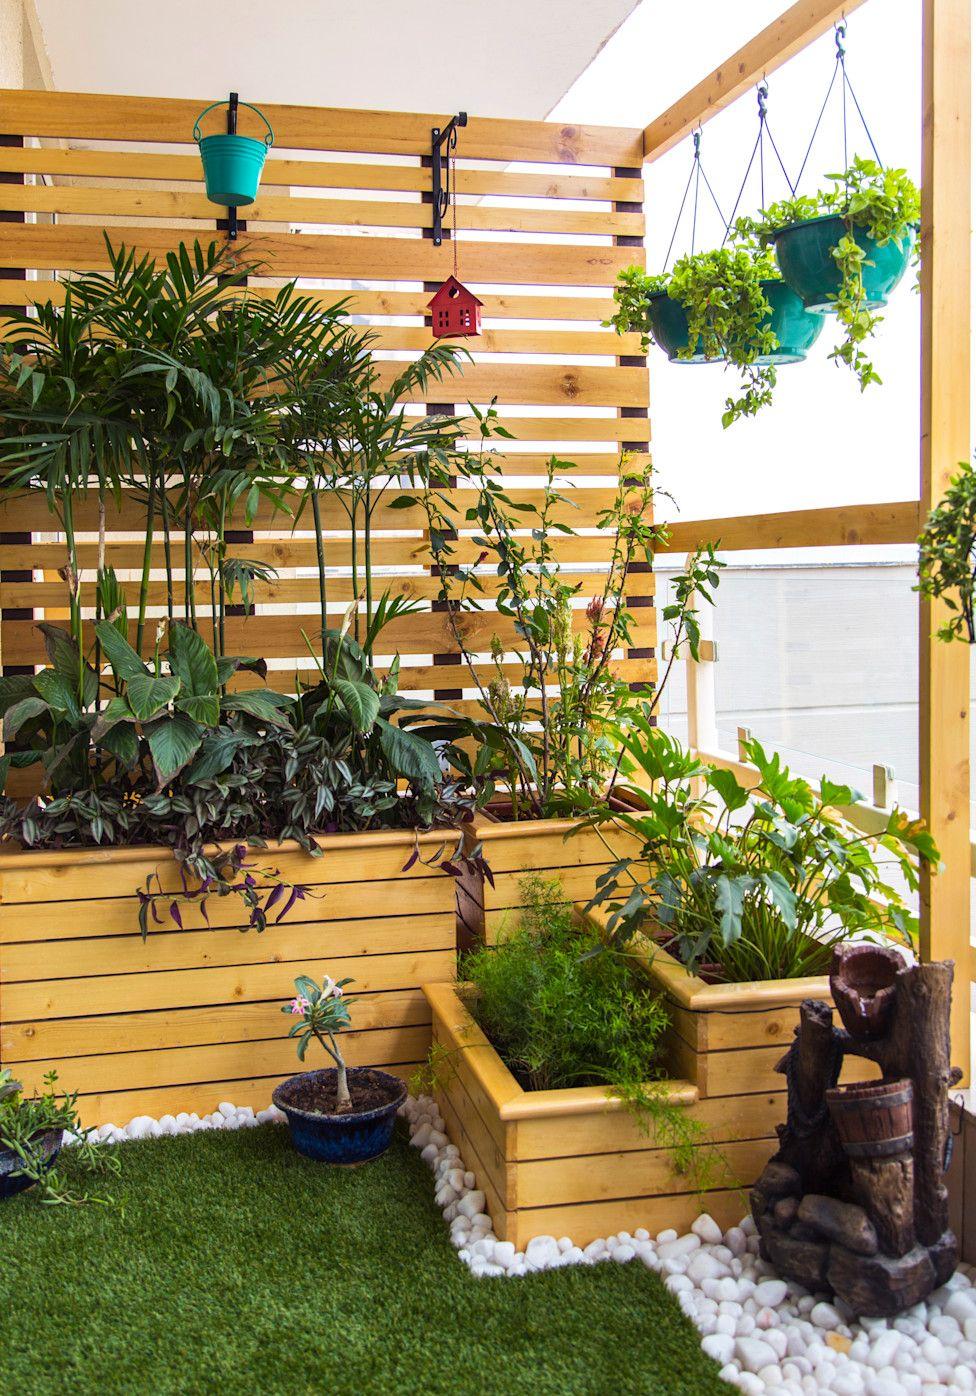 24 Ideas Sencillas Para Renovar Tu Terraza Con Poco Dinero Homify Homify Jardin En Terraza Diseno Para Jardines Pequenos Jardin De Balcon Pequeno